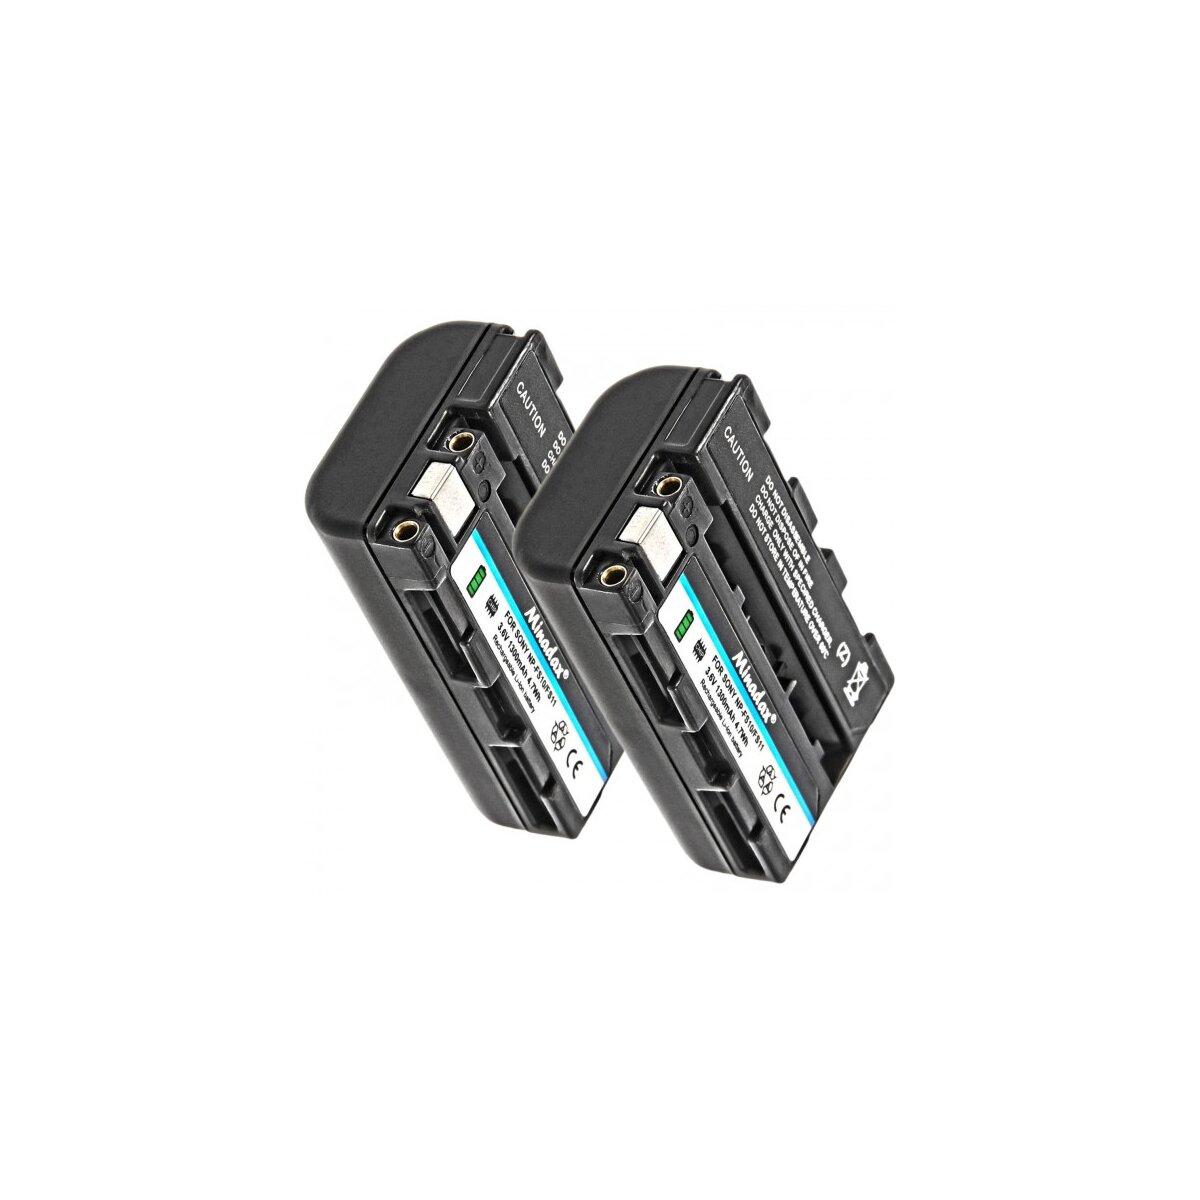 2x Minadax Qualitätsakku mit echten 1300 mAh kompatibel für Sony DCR-PC2 PC3 PC4 PC5 TRV1VE F55K F55V IP220 IP5 IP55 IP7 PC1 Ersatz für NP-FS11 - Intelligentes Akkusystem mit Chip